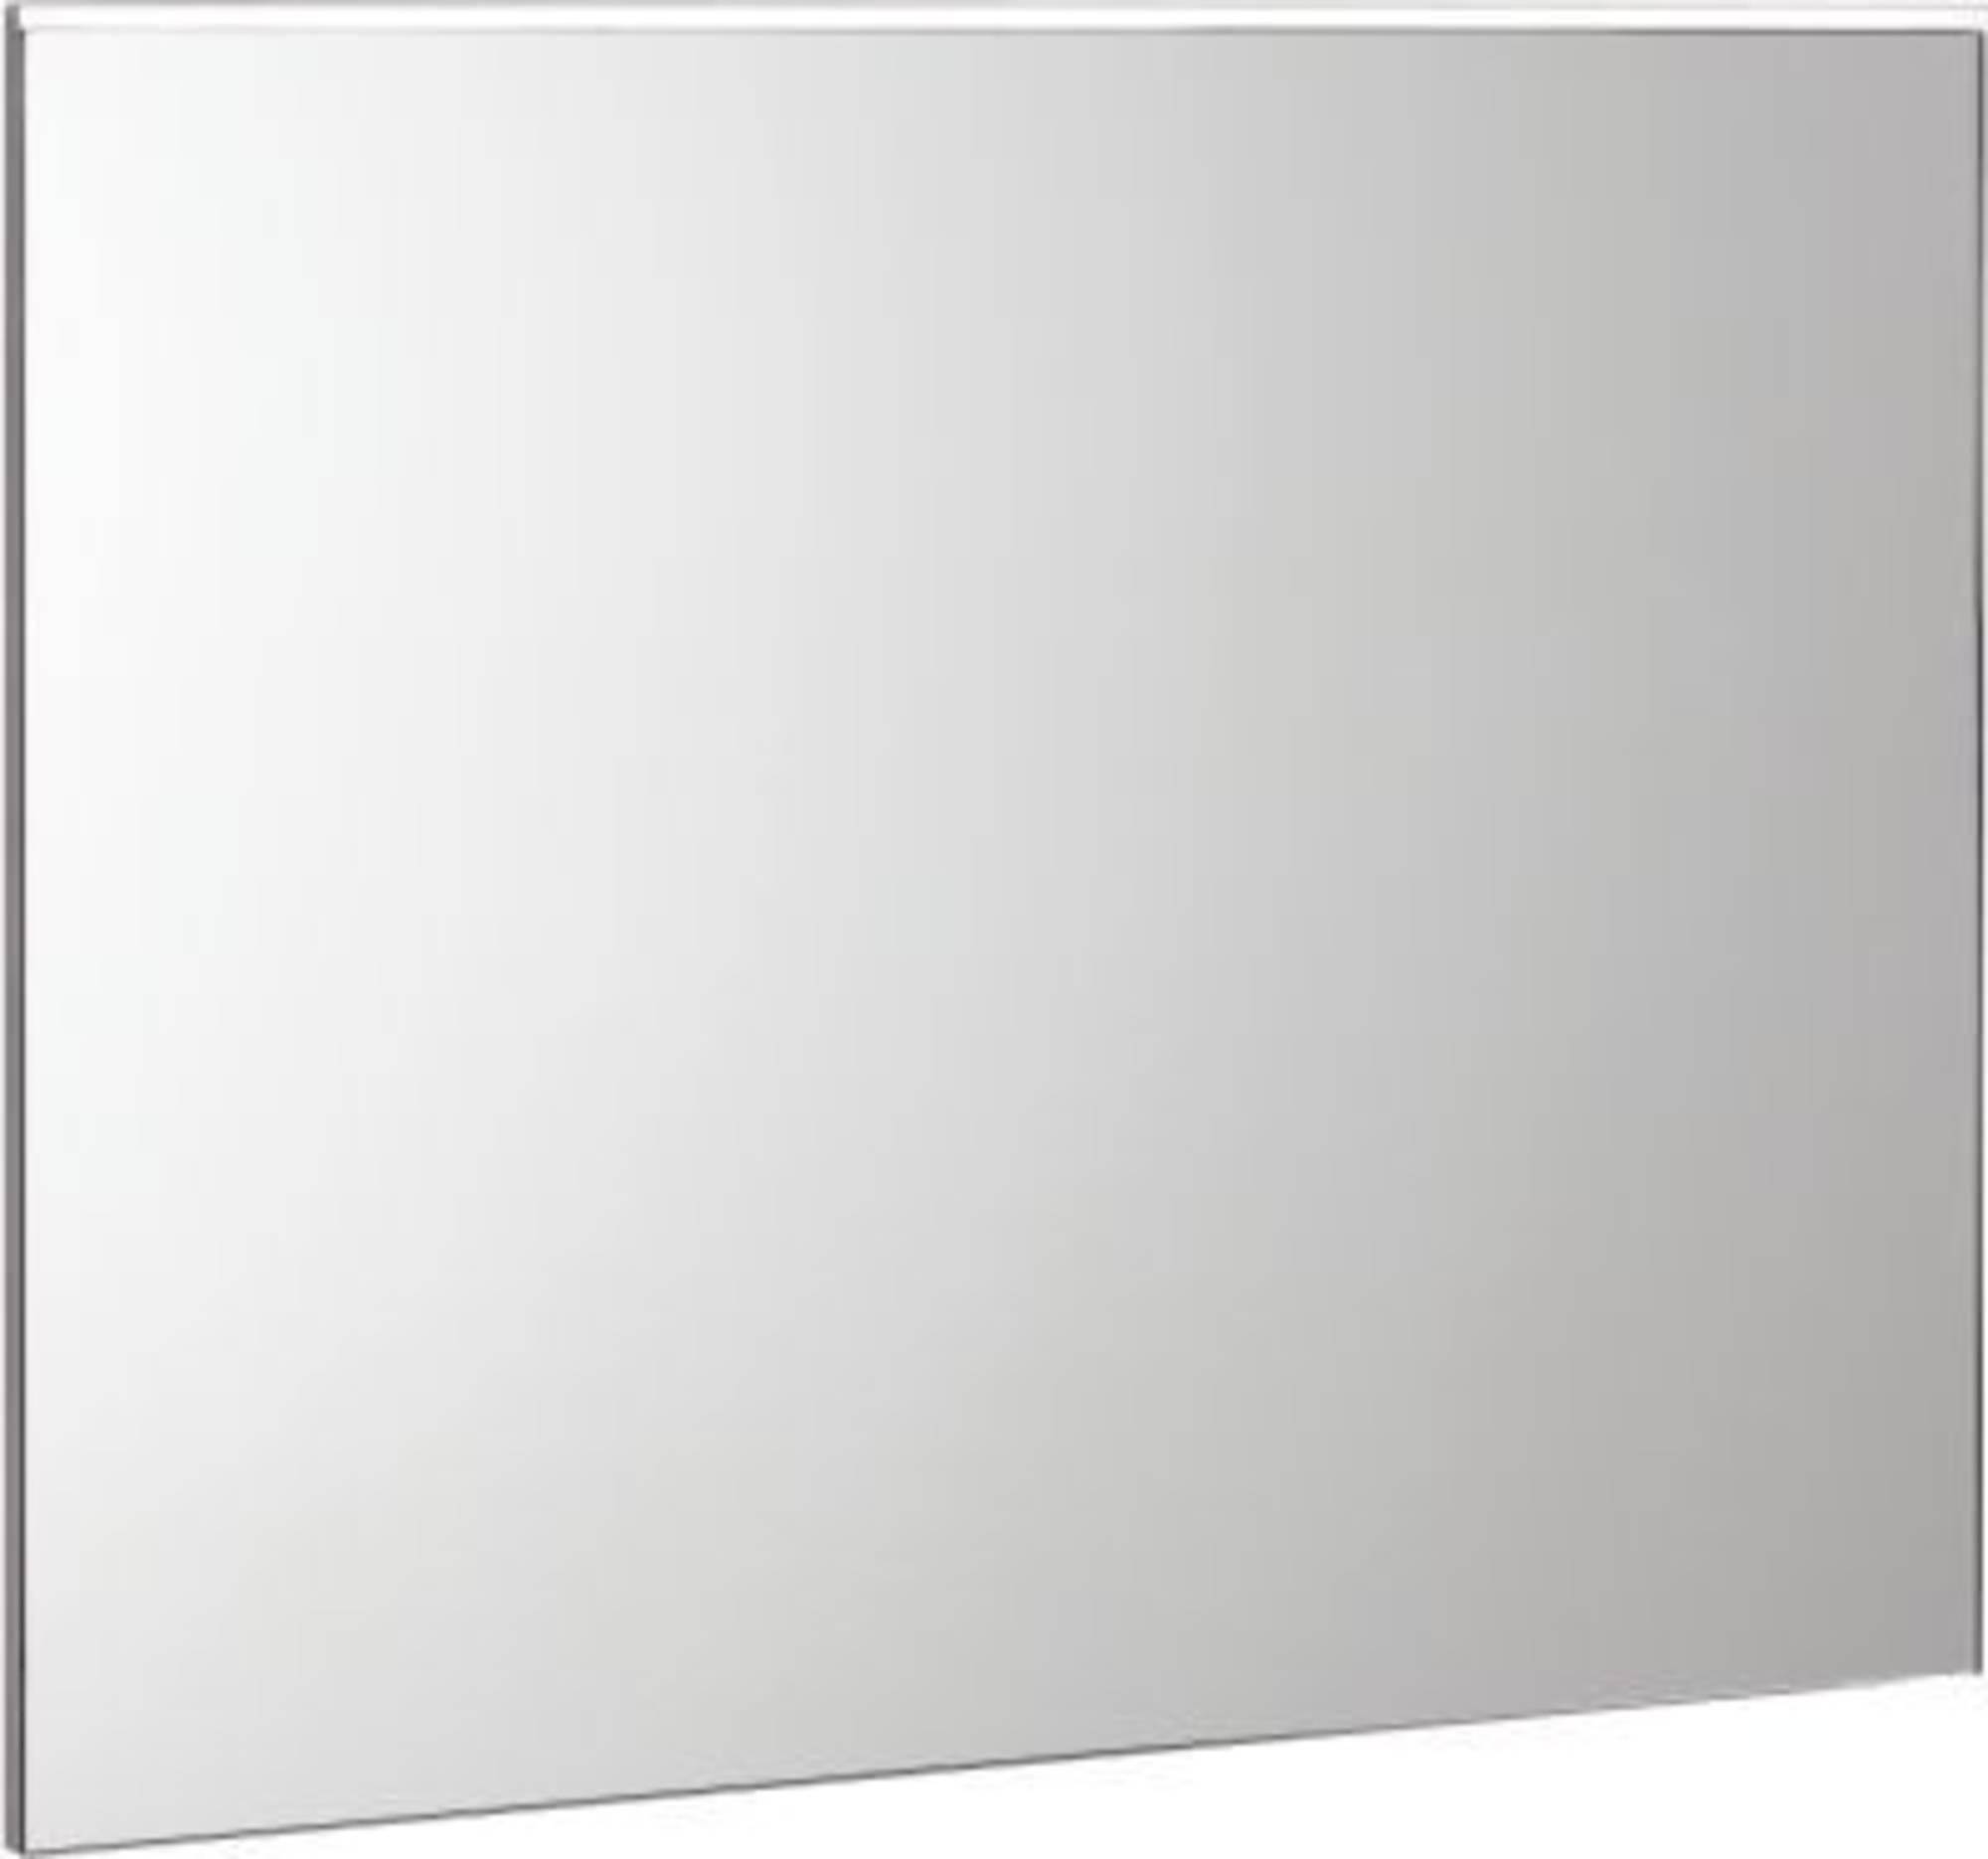 Sphinx Serie 420 new spiegel 90x70cm,met led verlichting en verwarming